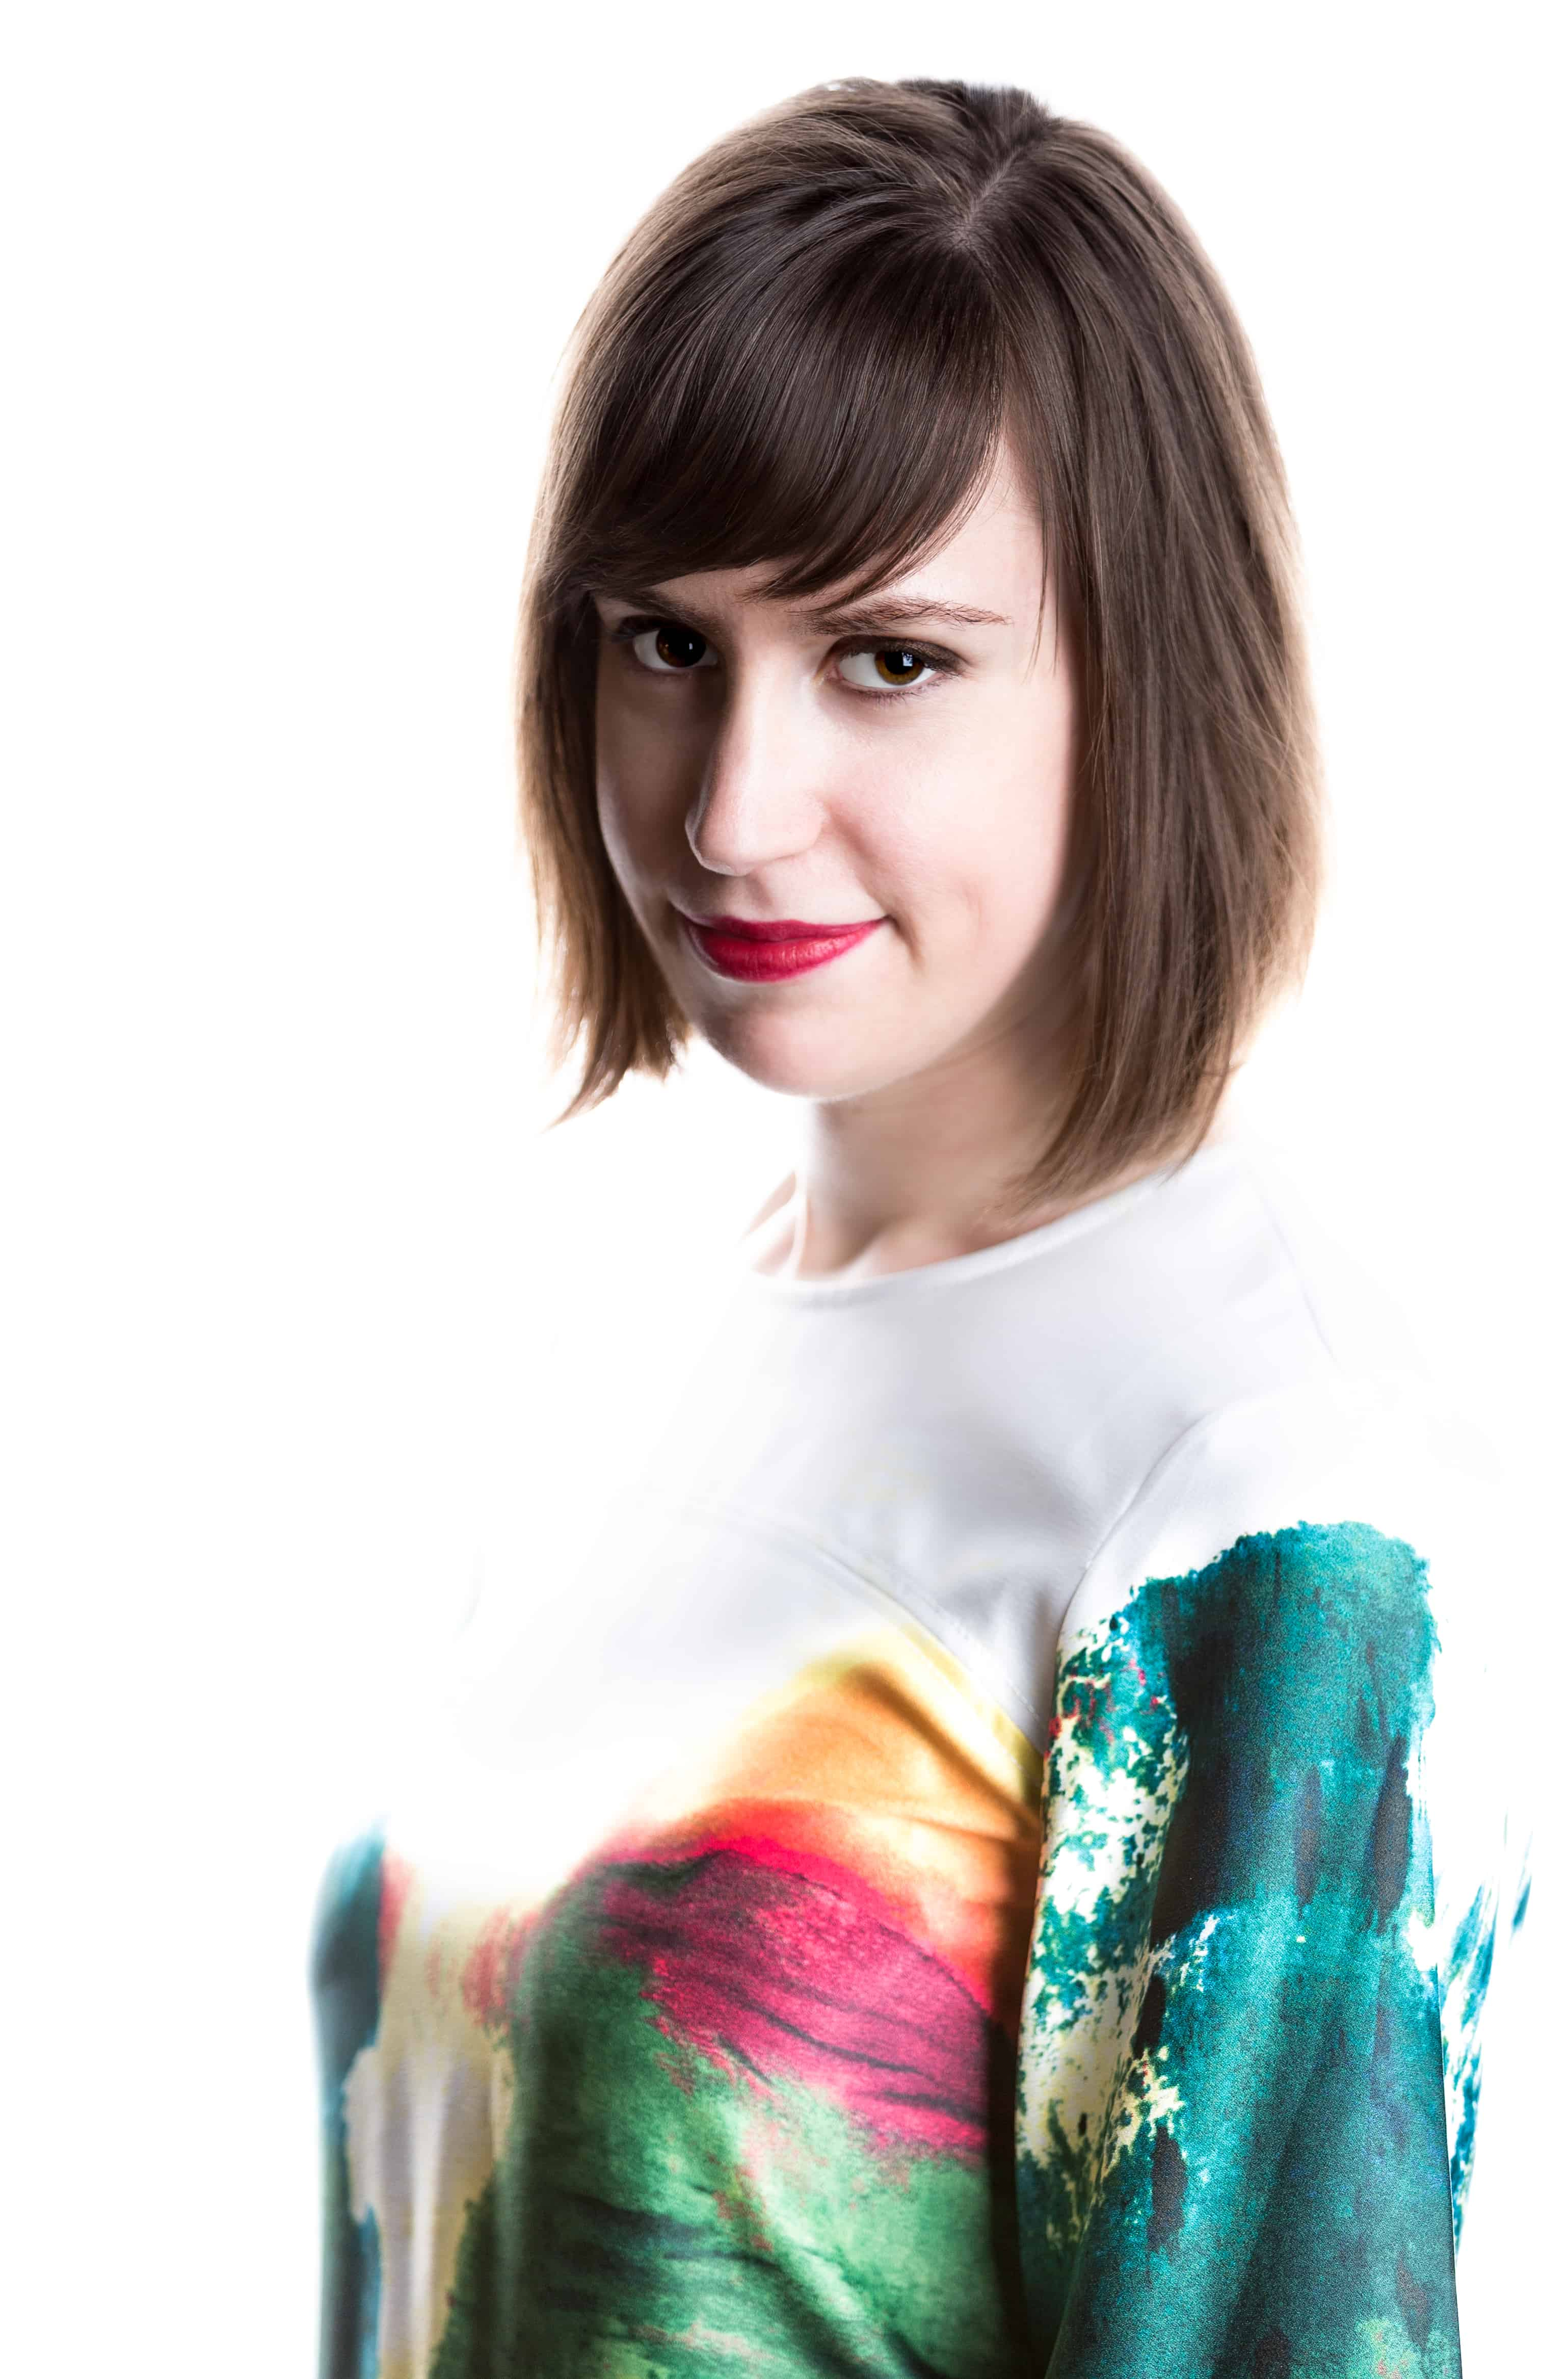 Portrait of writer Lindsay Zoladz